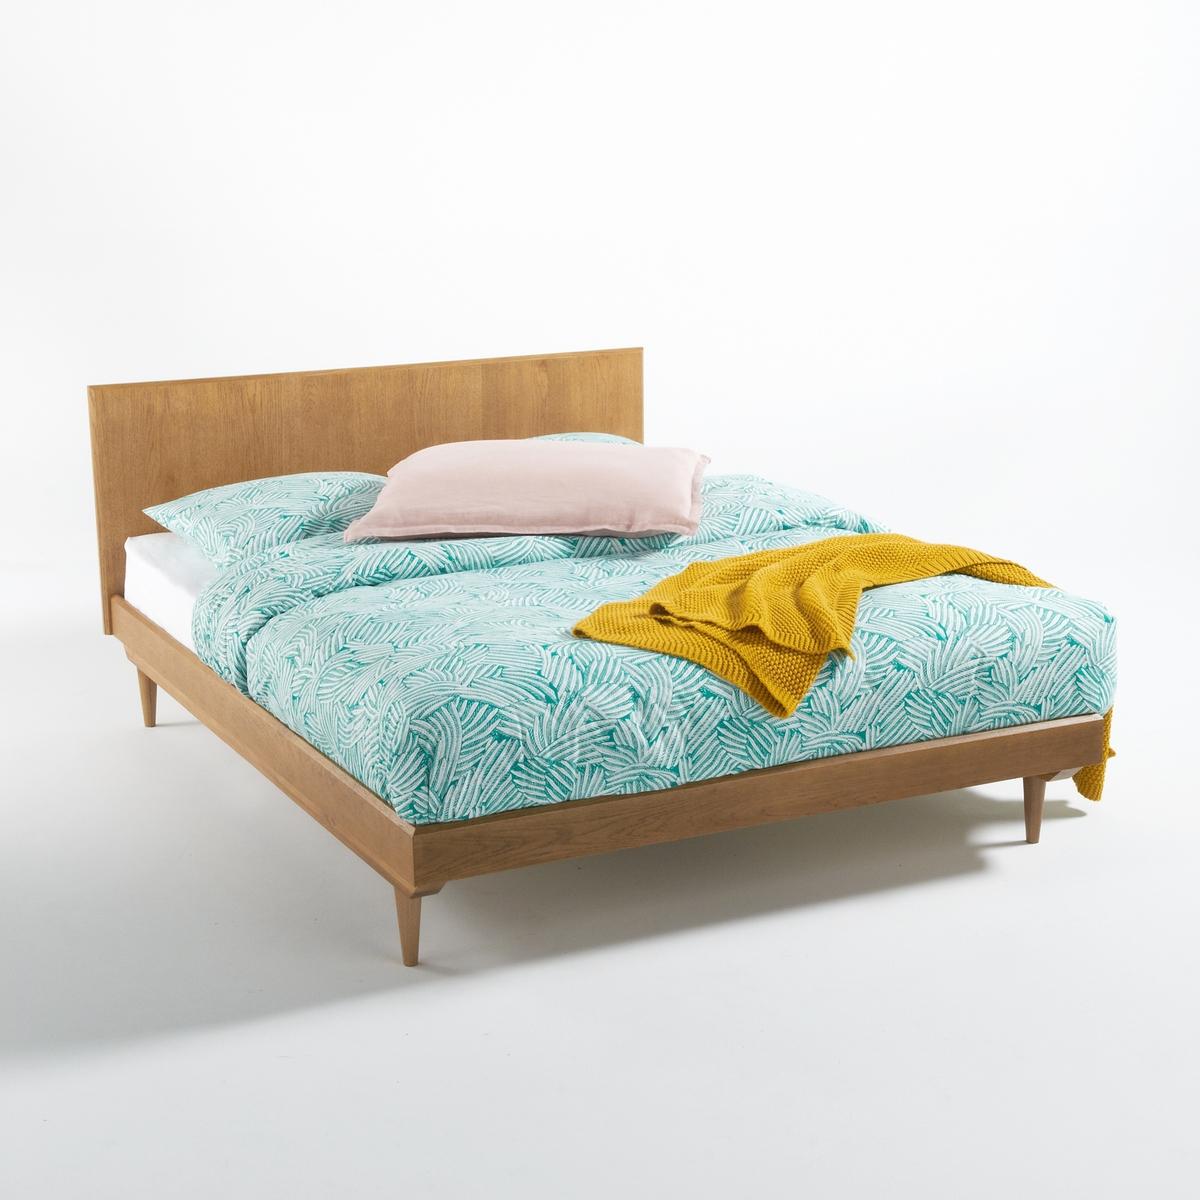 Кровать La Redoute В винтажном стиле Quilda 140 x 190 см каштановый столик журнальный в винтажном стиле из обыкновенного дуба quilda